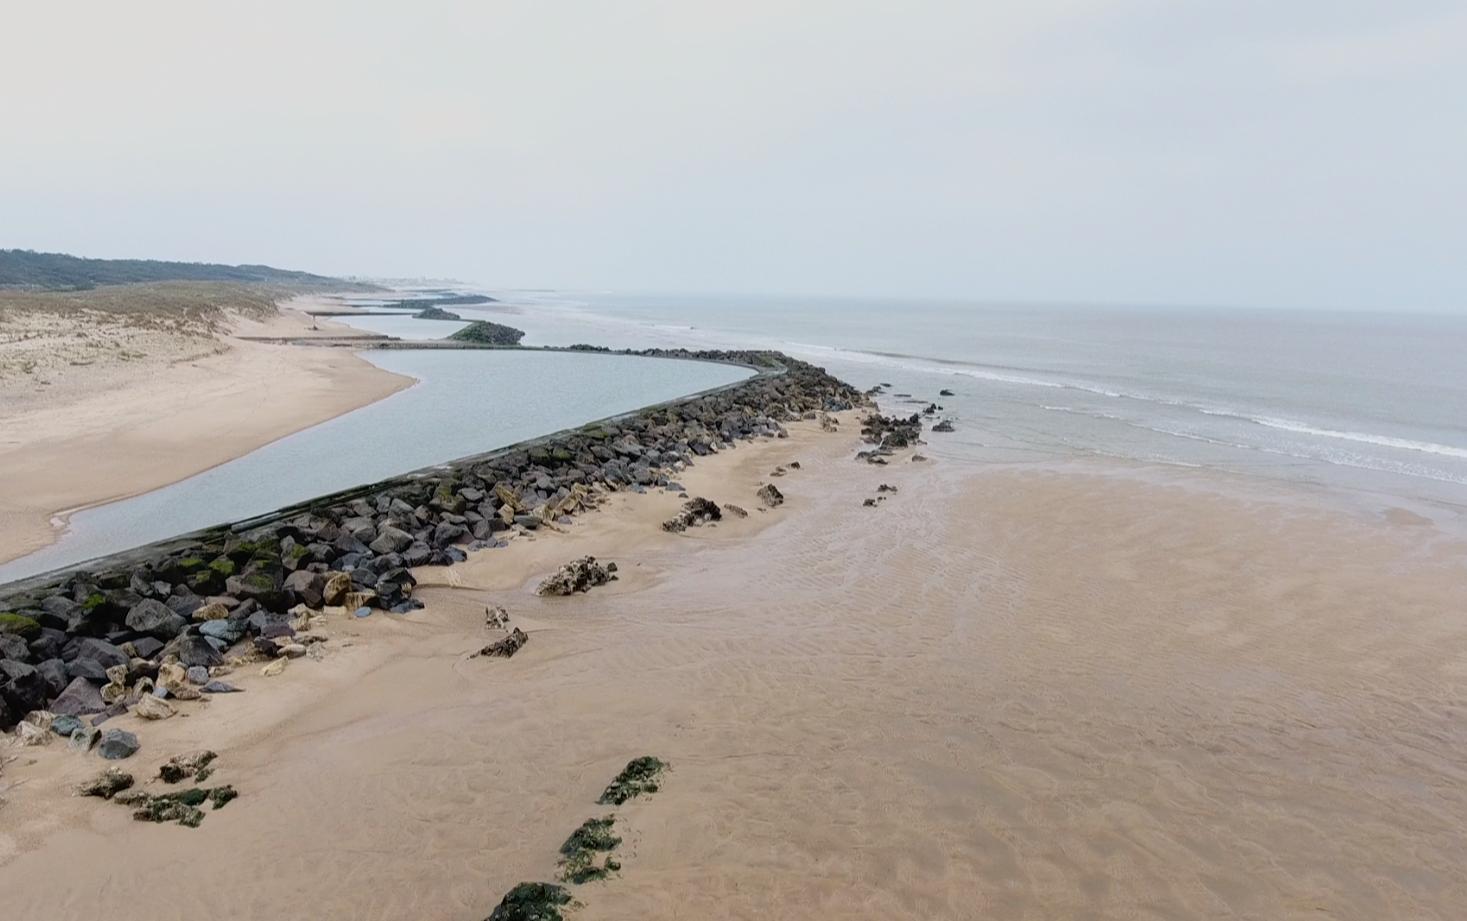 Soulac-sur-Mer ton littoral fout le camp_Photo 5